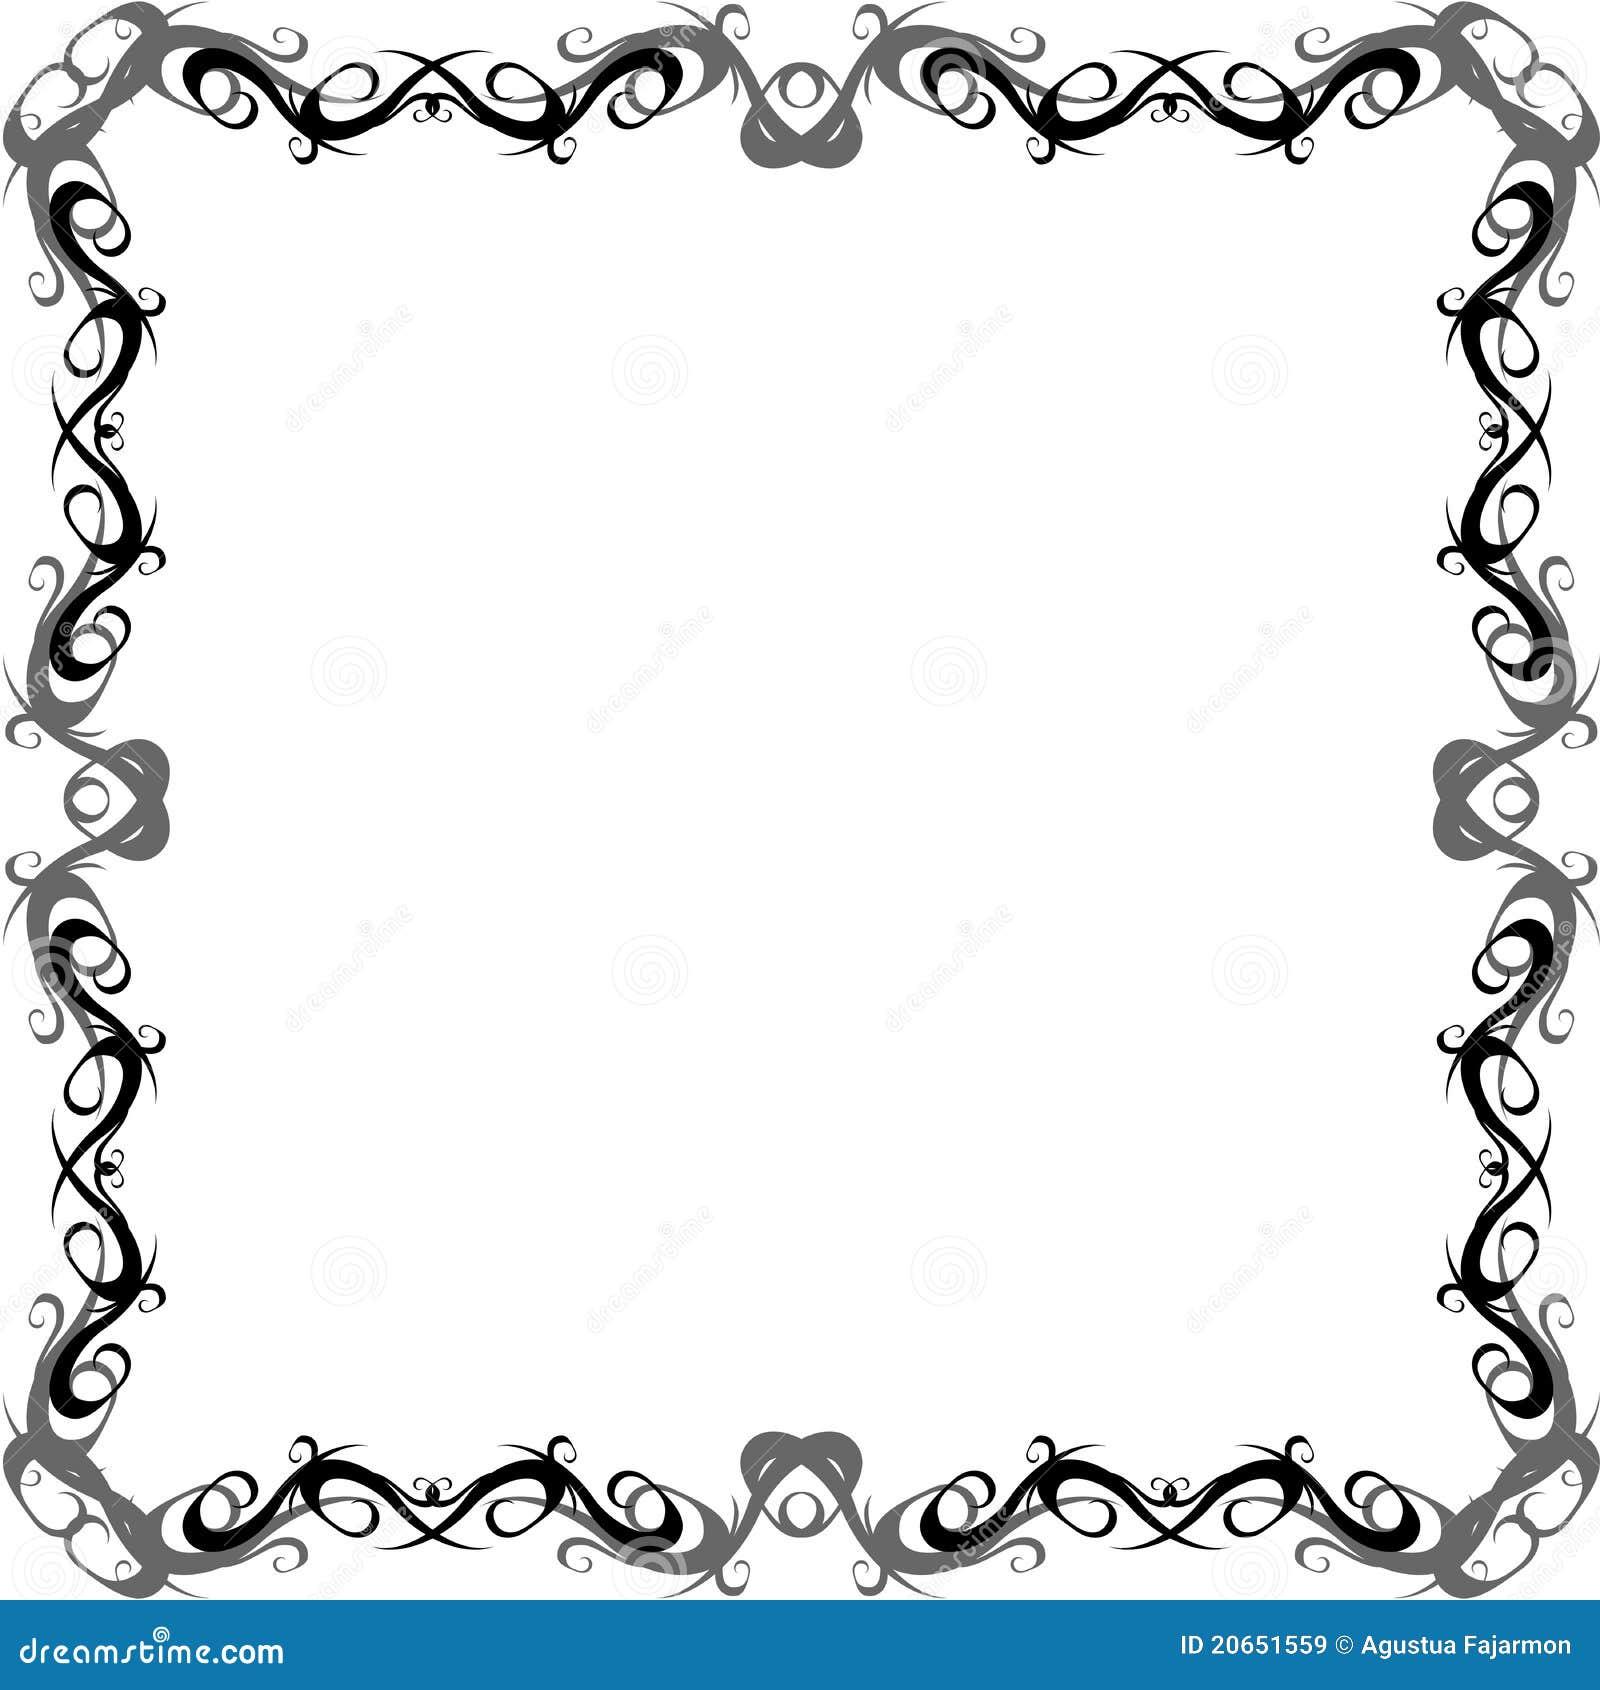 Swirly border royalty free stock images image 20651559 1300x1390